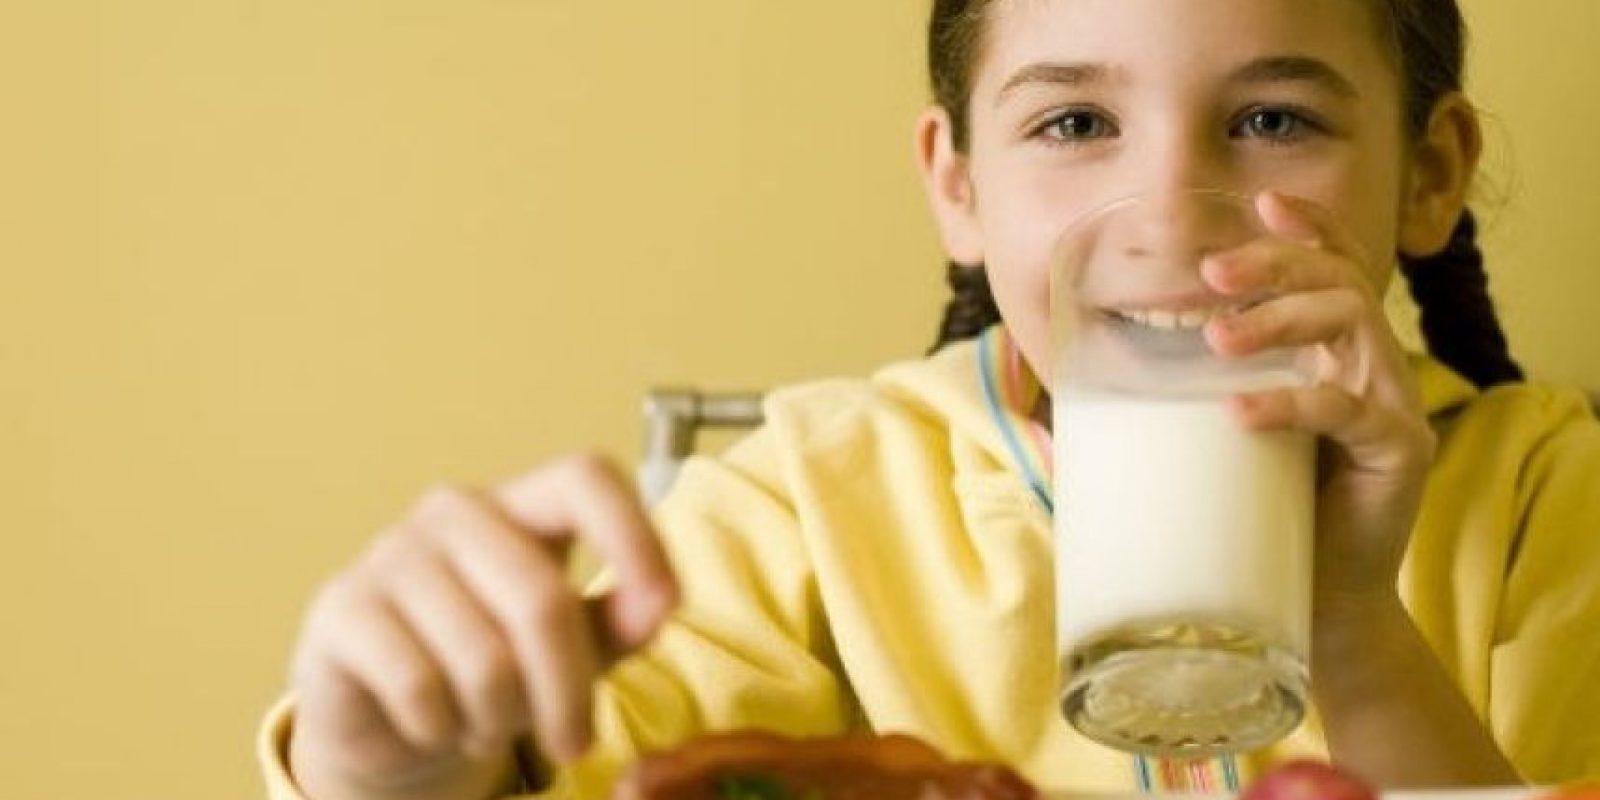 Mientras tanto, la selección de leche chocolatada se redujo de 86,5 por ciento a 44,6 por ciento del total de las ventas de leche. Foto:Tumblr.com/tagged-comer-sano-niños